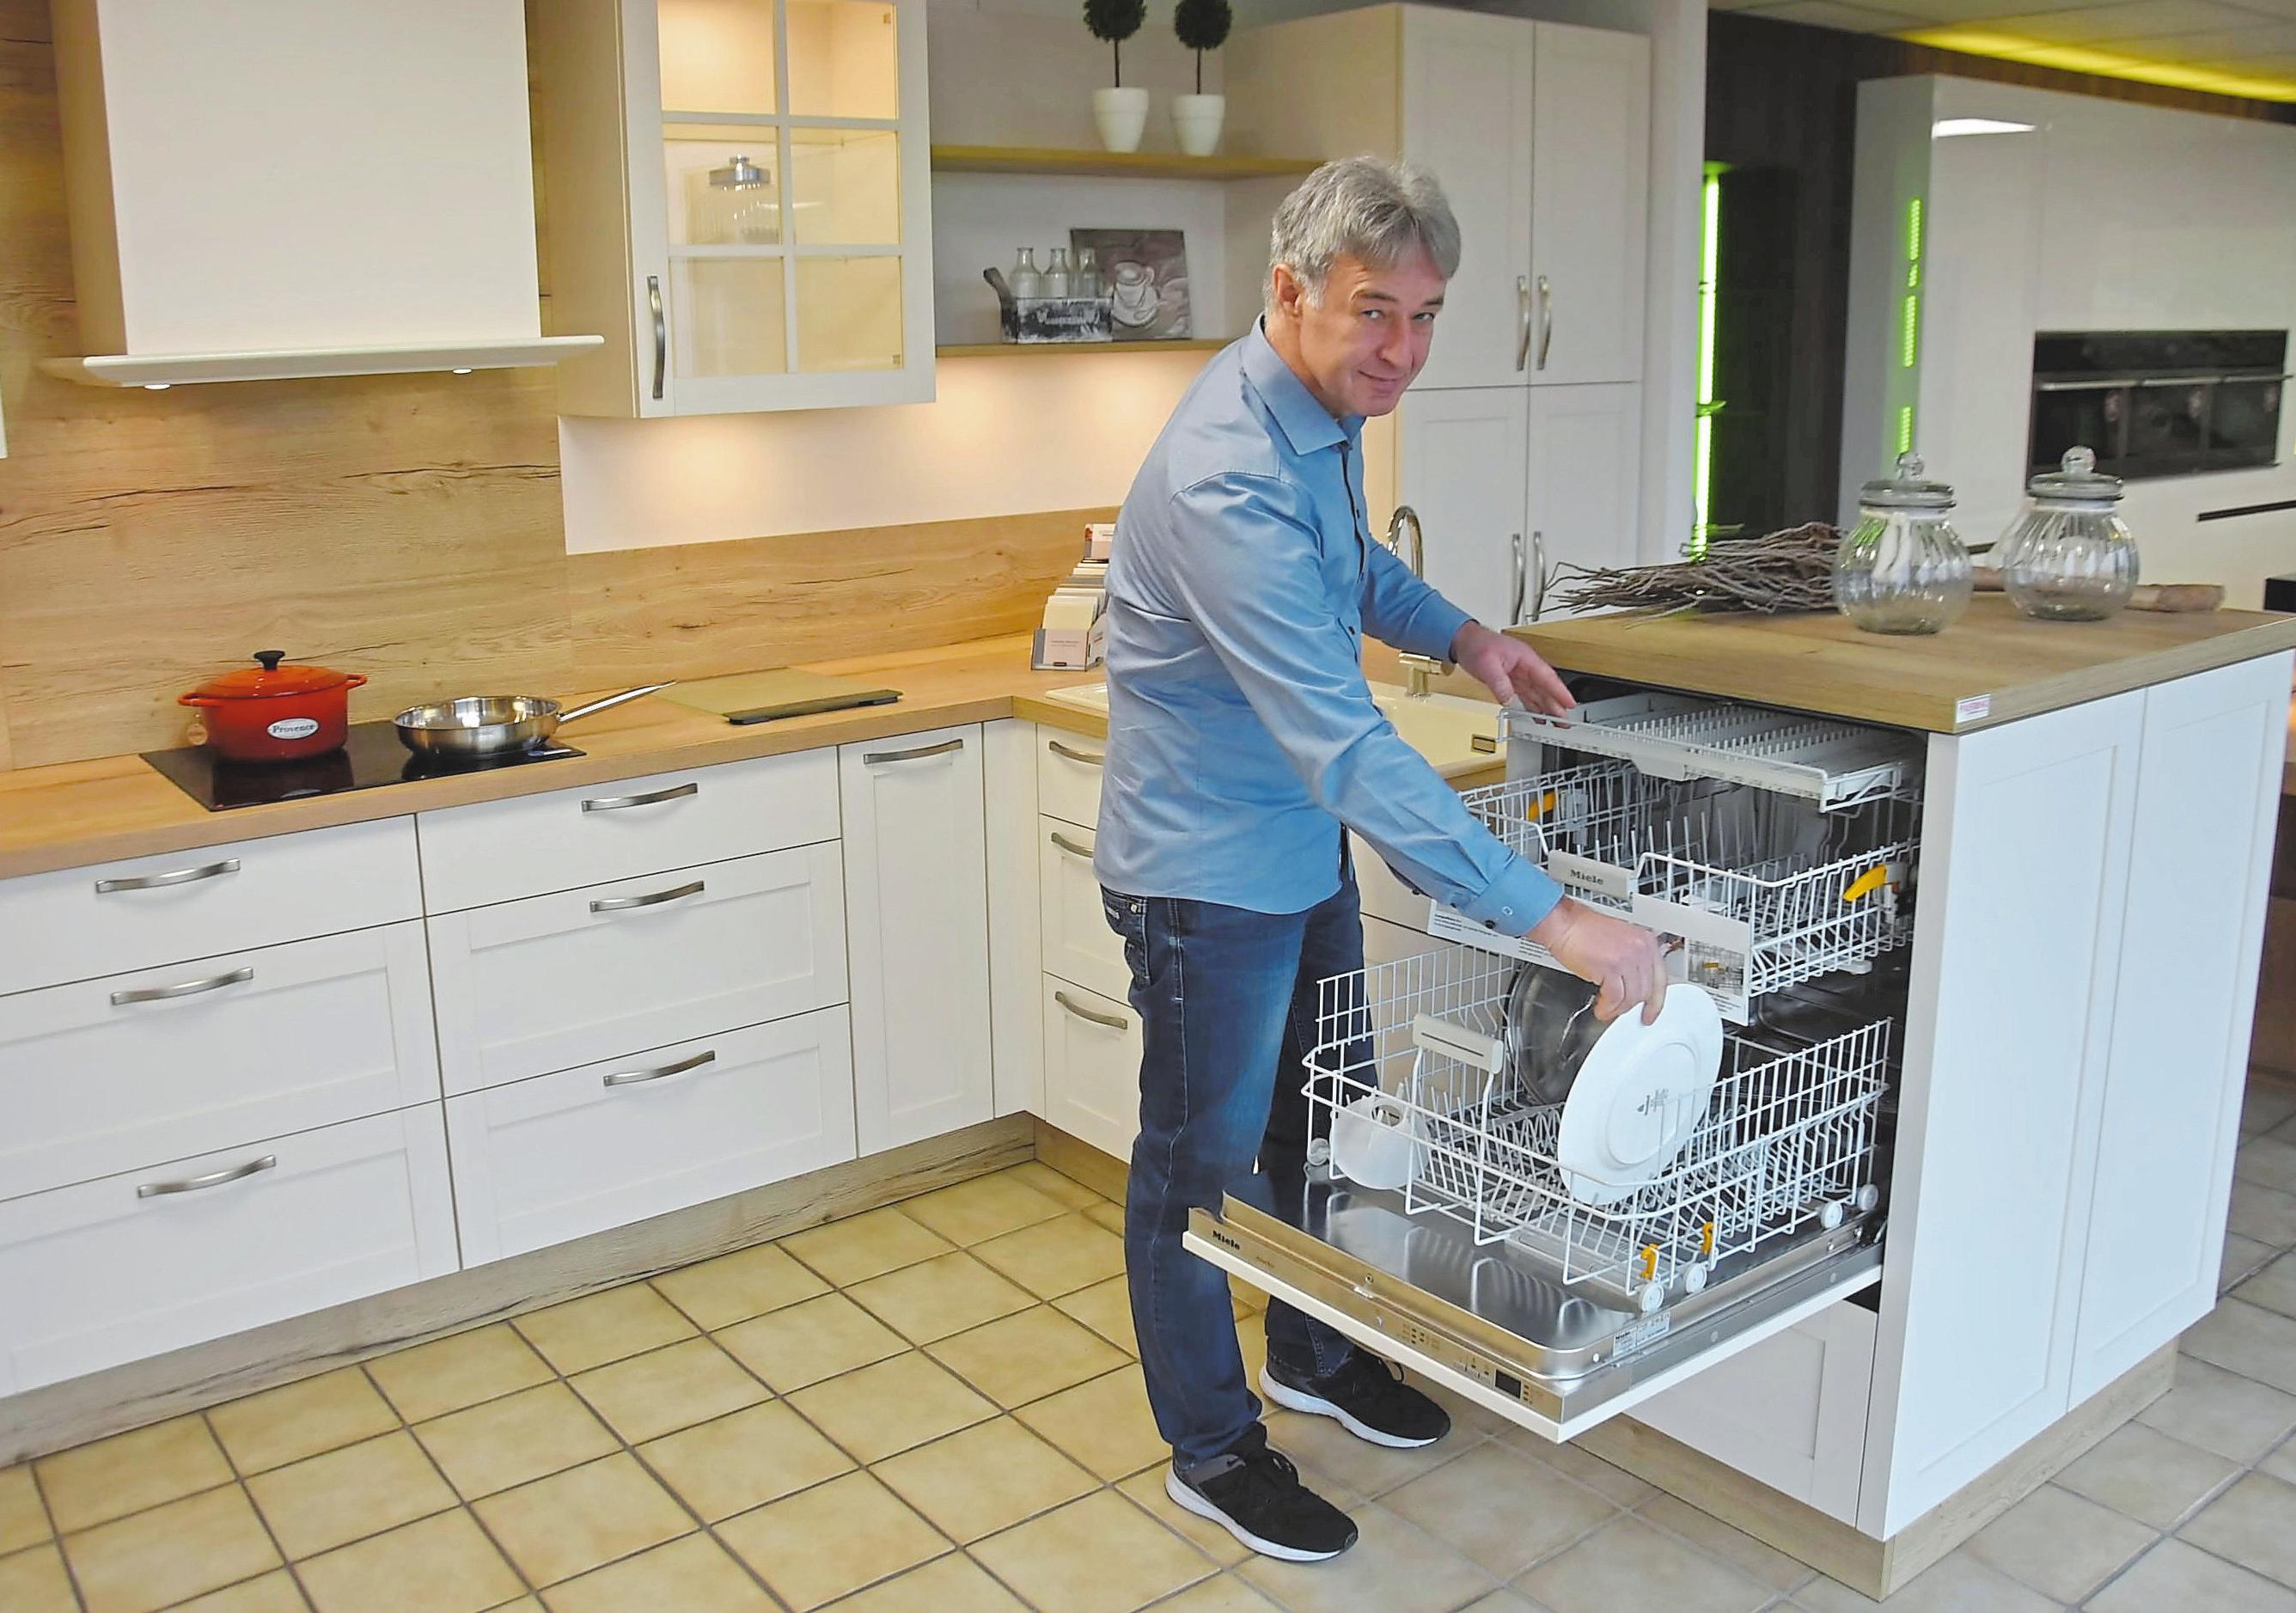 In der Küche im Landhausstil ist die Geschirrspülmaschine erhöht eingebaut worden und kann so leichter ein- und ausgeräumt werden. Fotos: lem